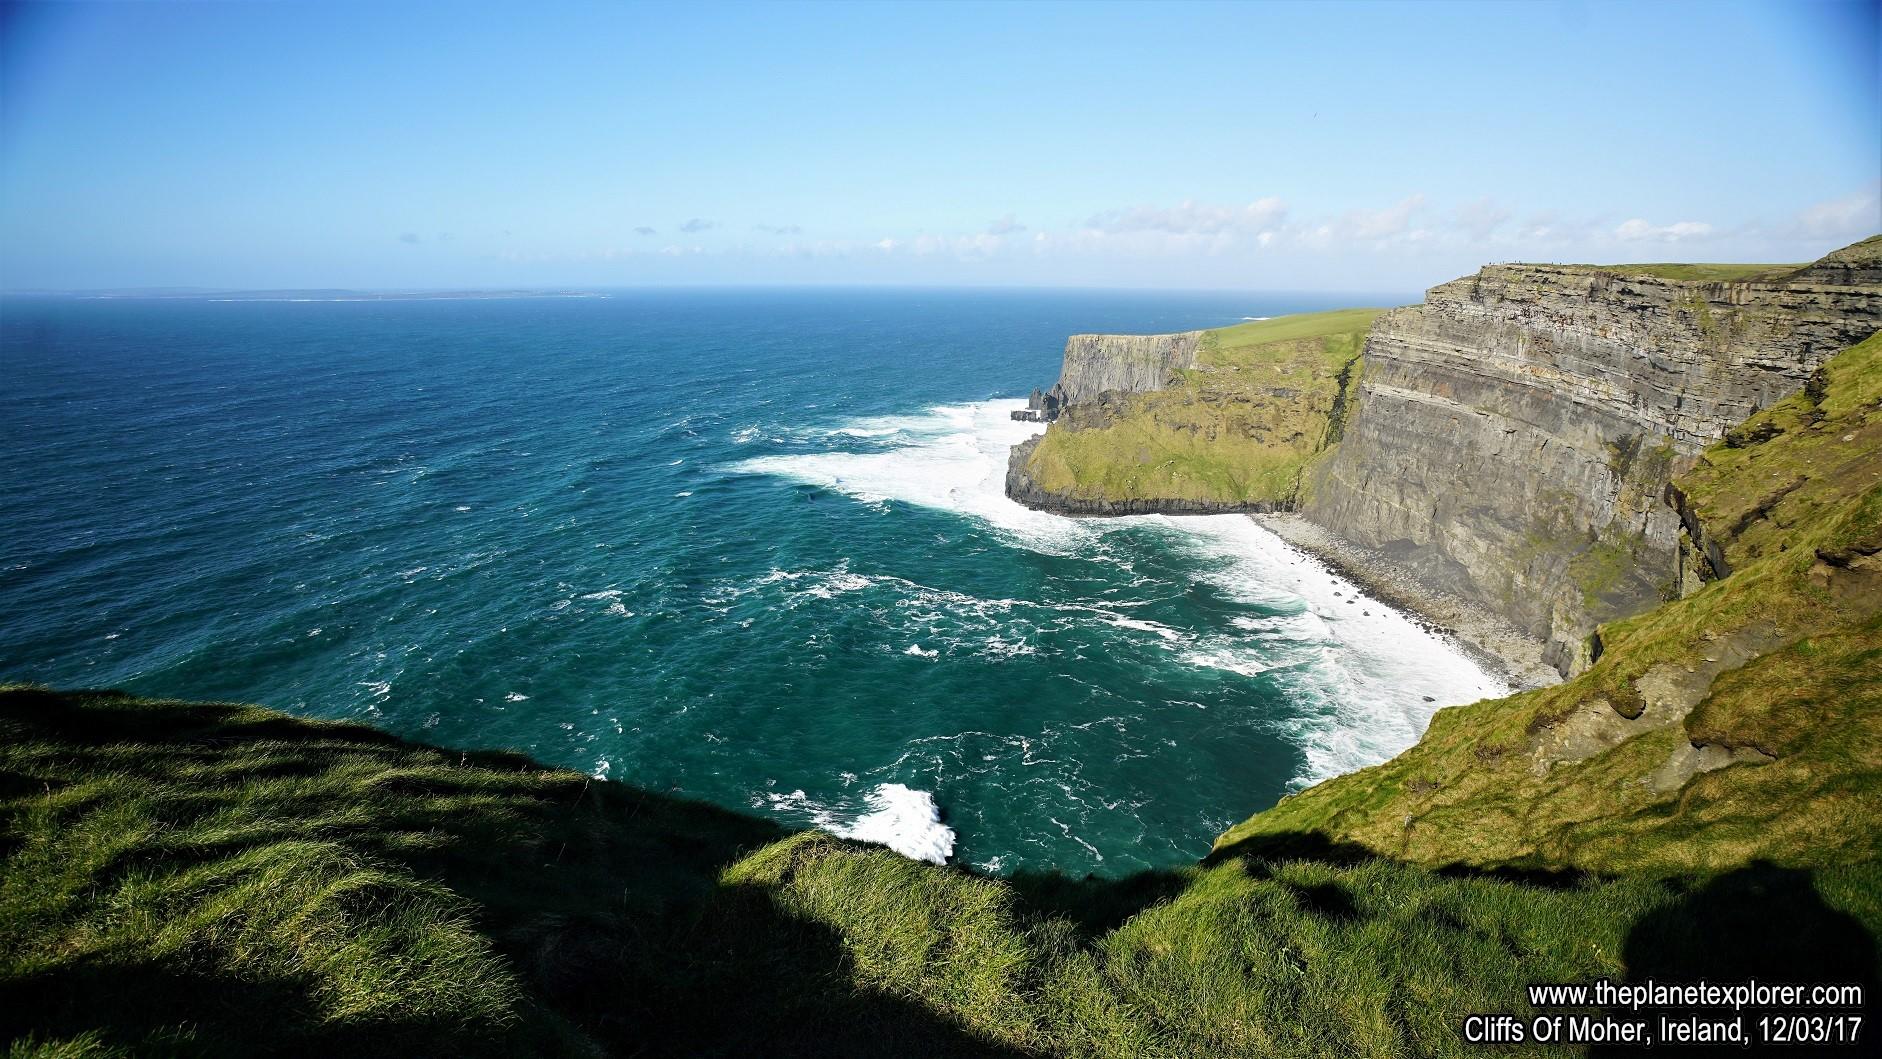 2017-03-12_1507_Ireland_Cliffs Of Moher_DSC07641_s7R2_LR_@www